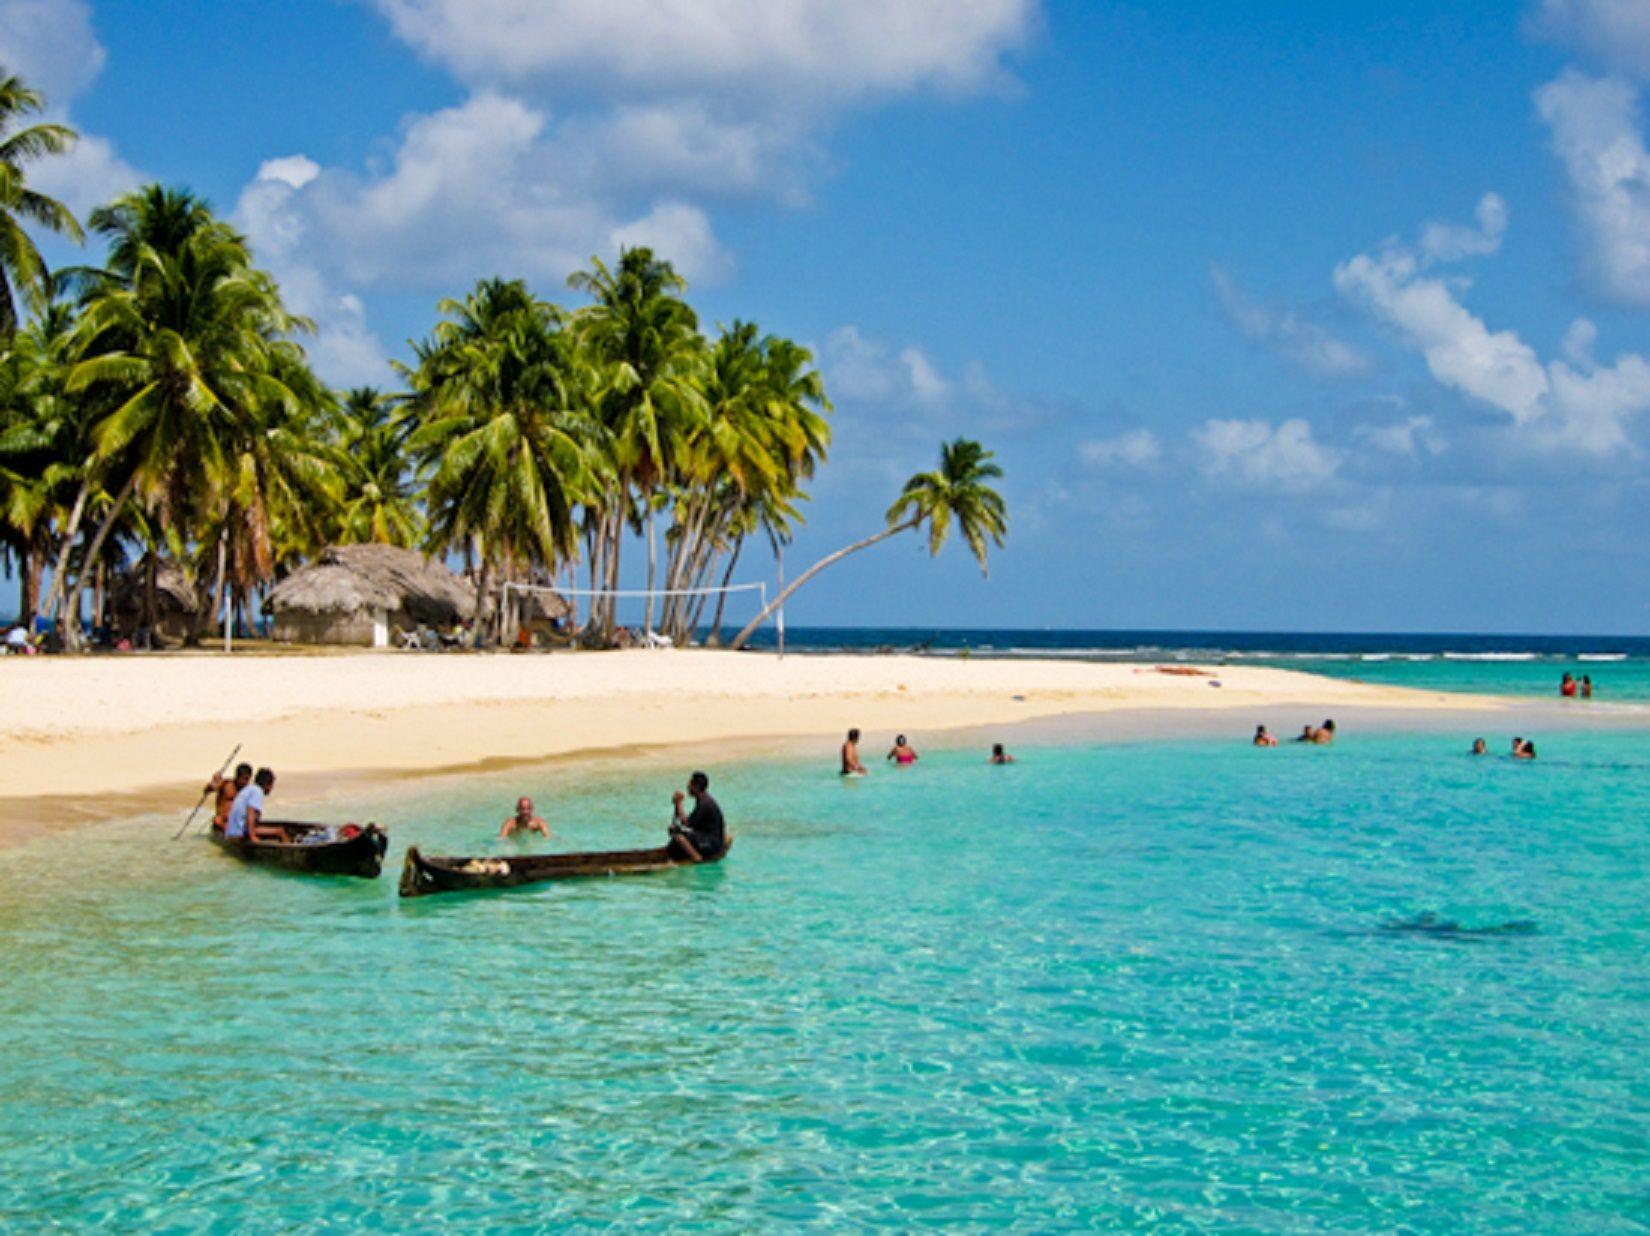 Ofrece un tour gratis por el Caribe para quien ayude a su novia